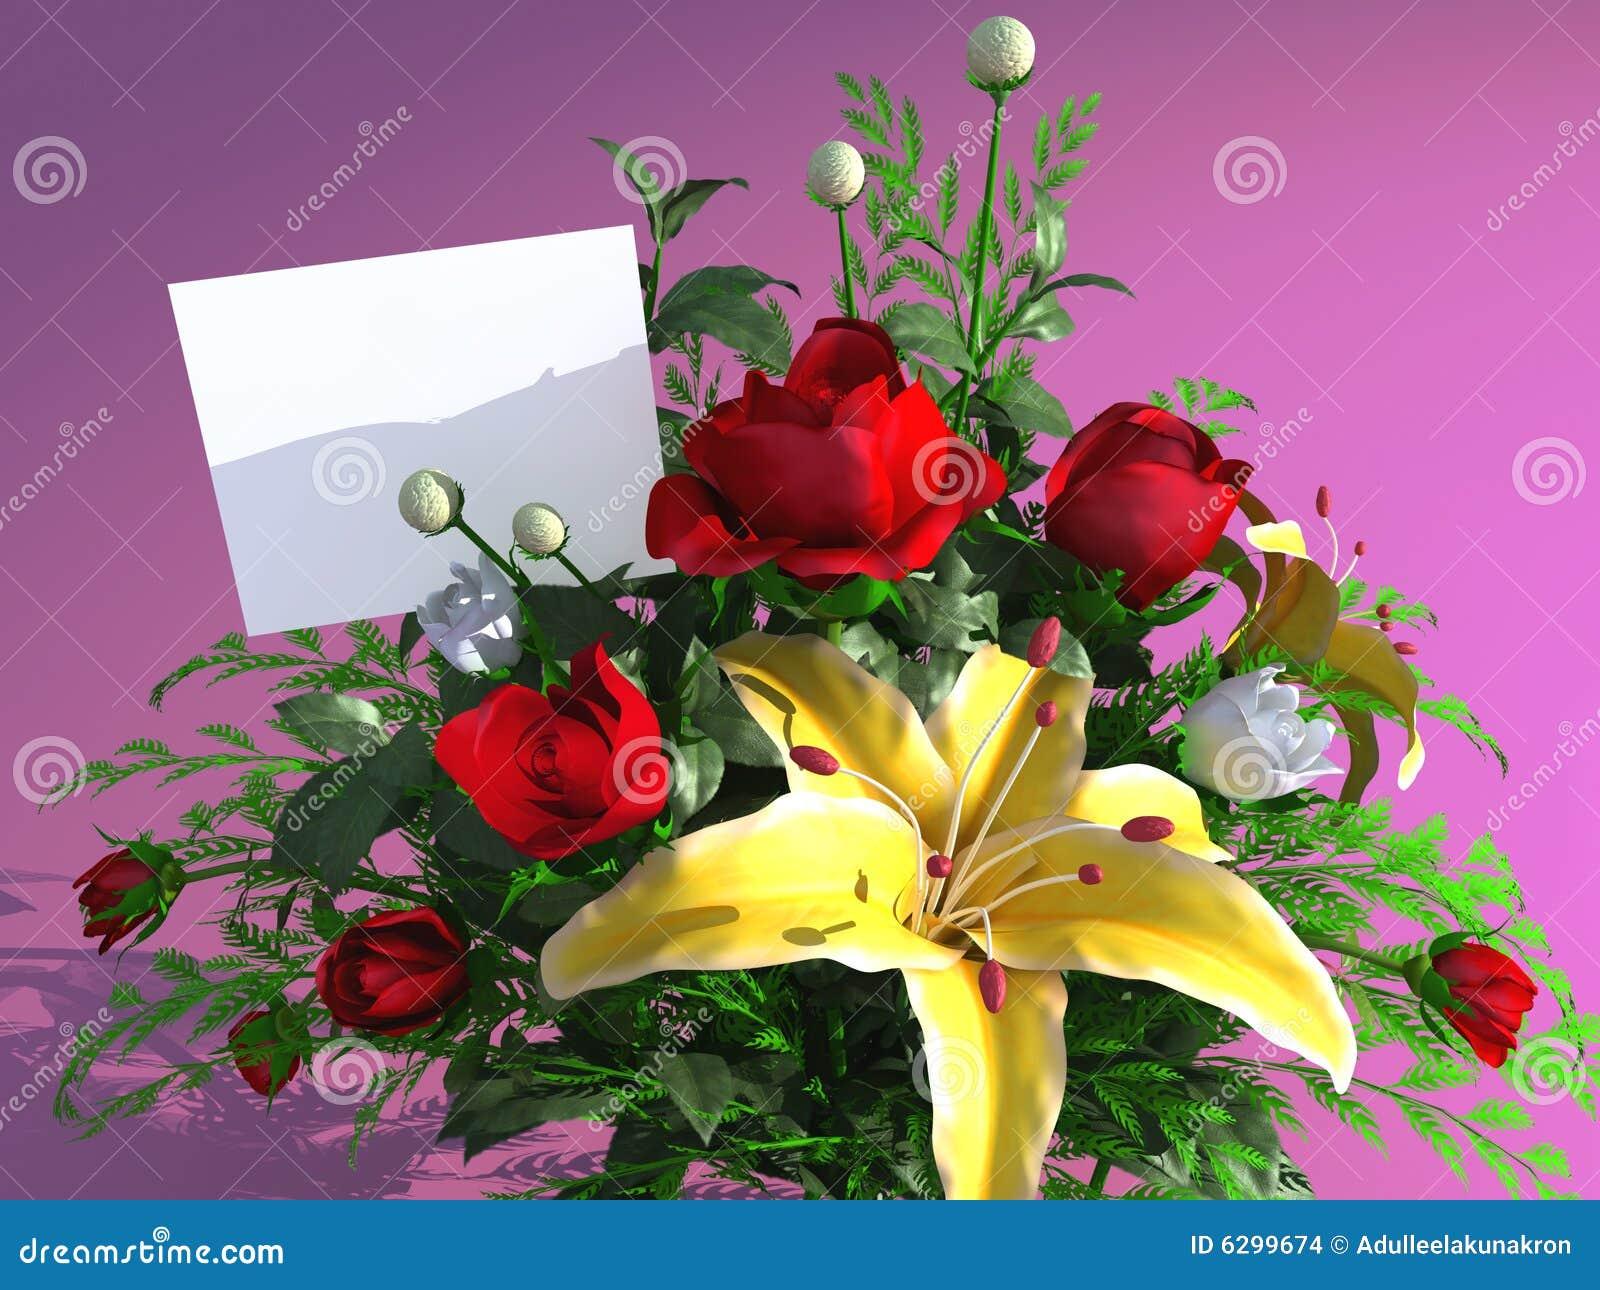 Rosas y tarjeta vacía